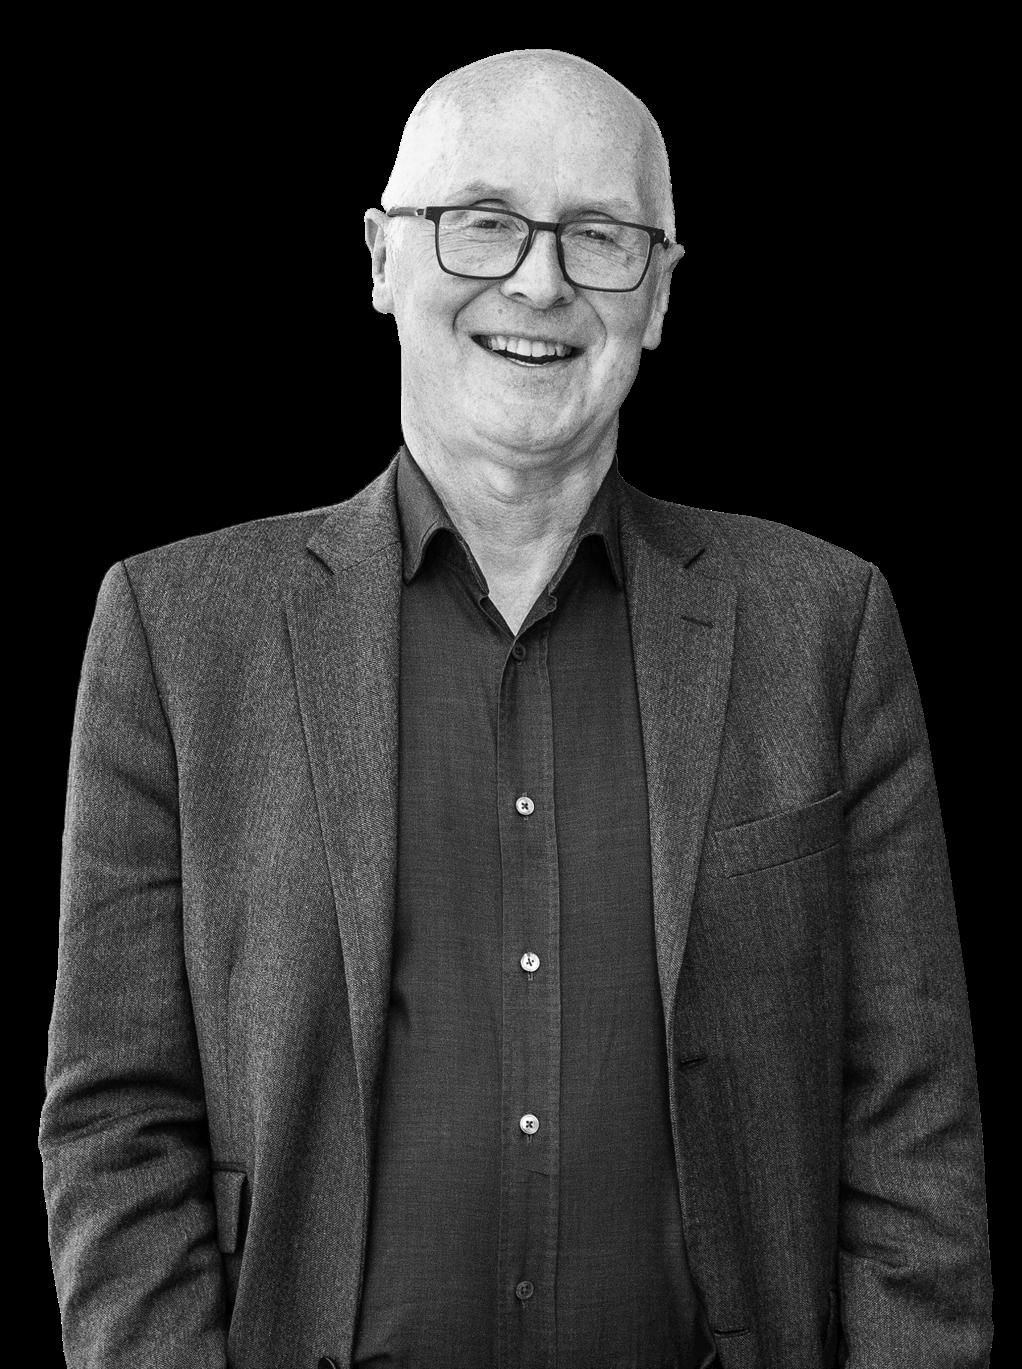 Giles Semper